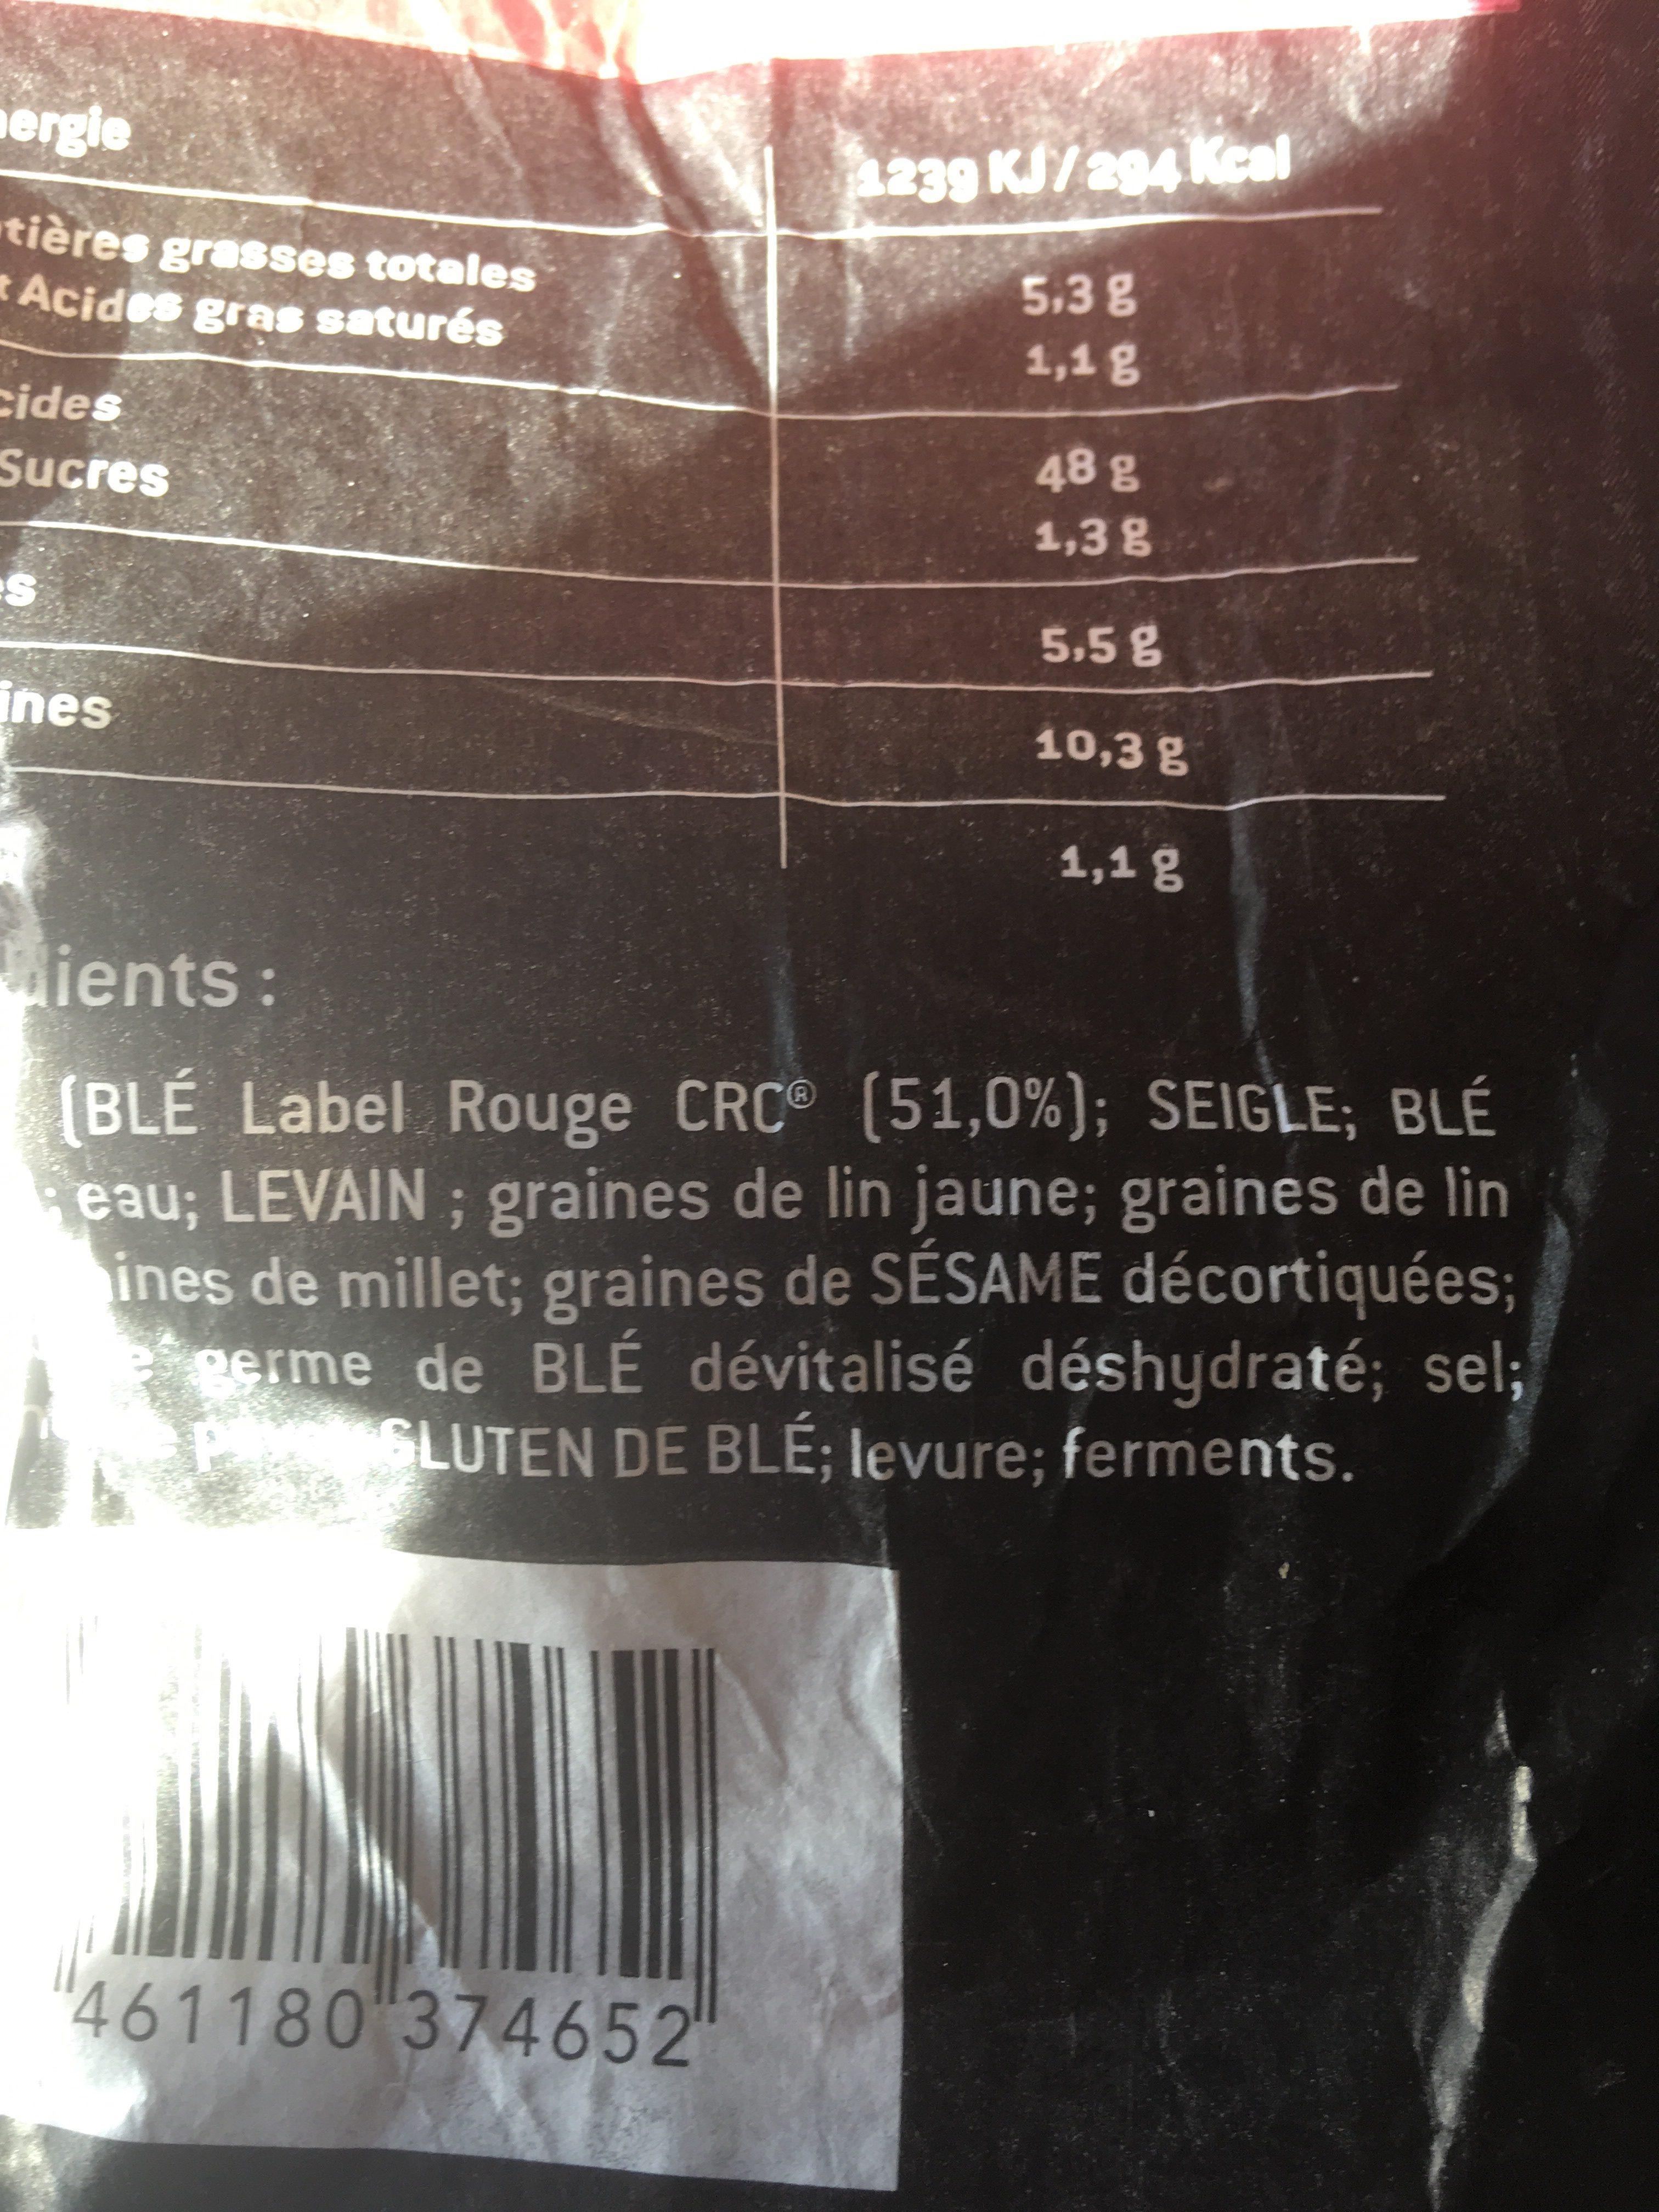 Carre pérènes multigraines - Ingrédients - fr